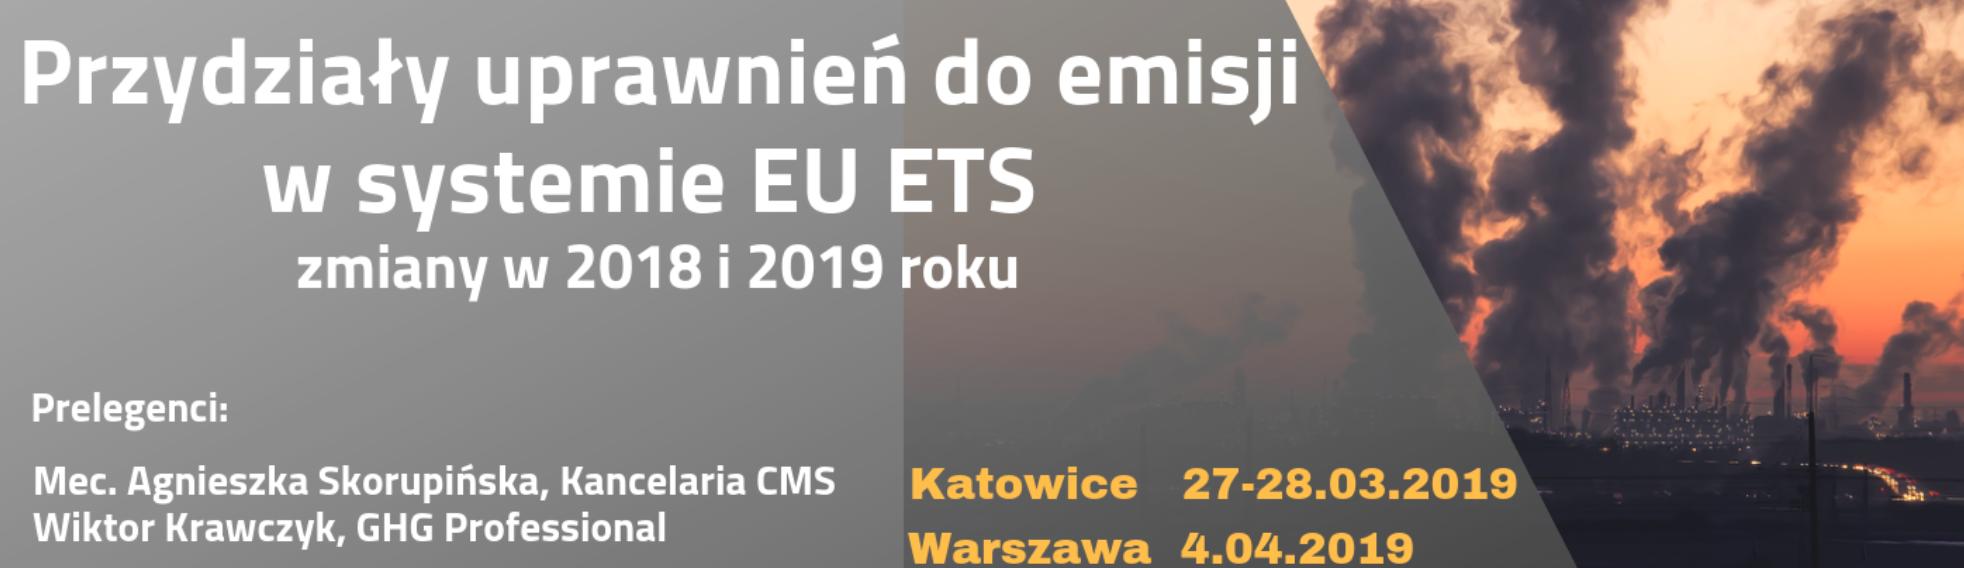 Przydziały uprawień do emisji w systemie EU ETS